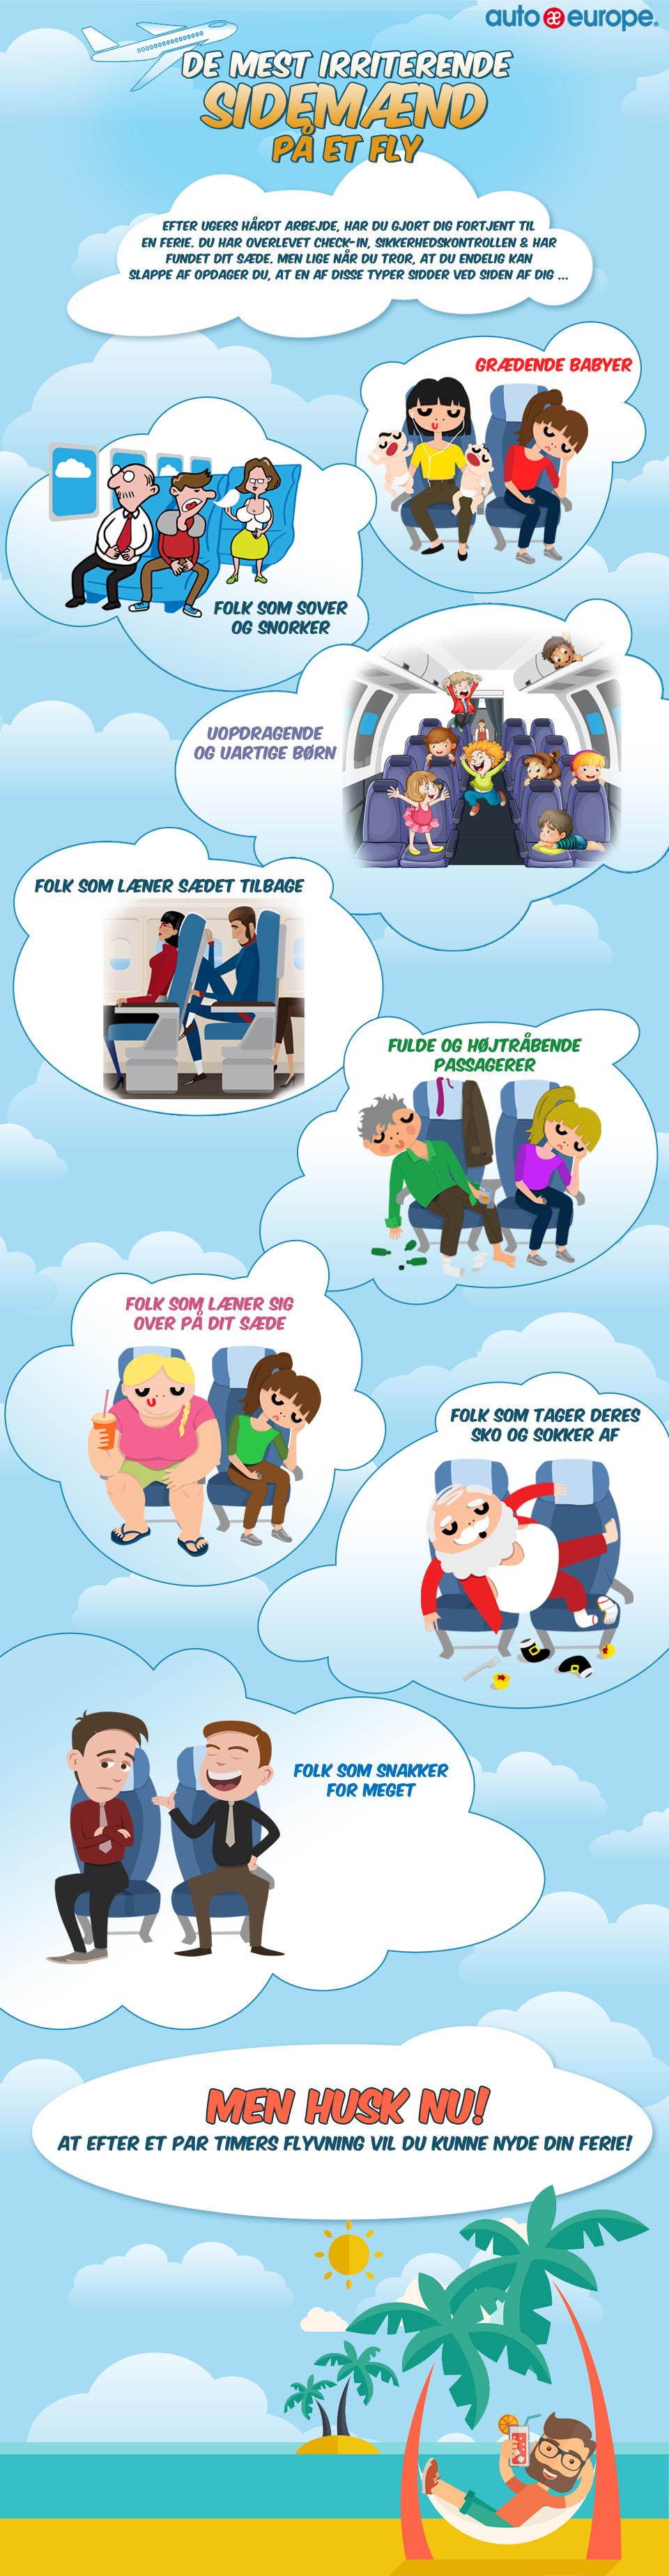 Infografik: De mest irriterende sidemakkere på flyet